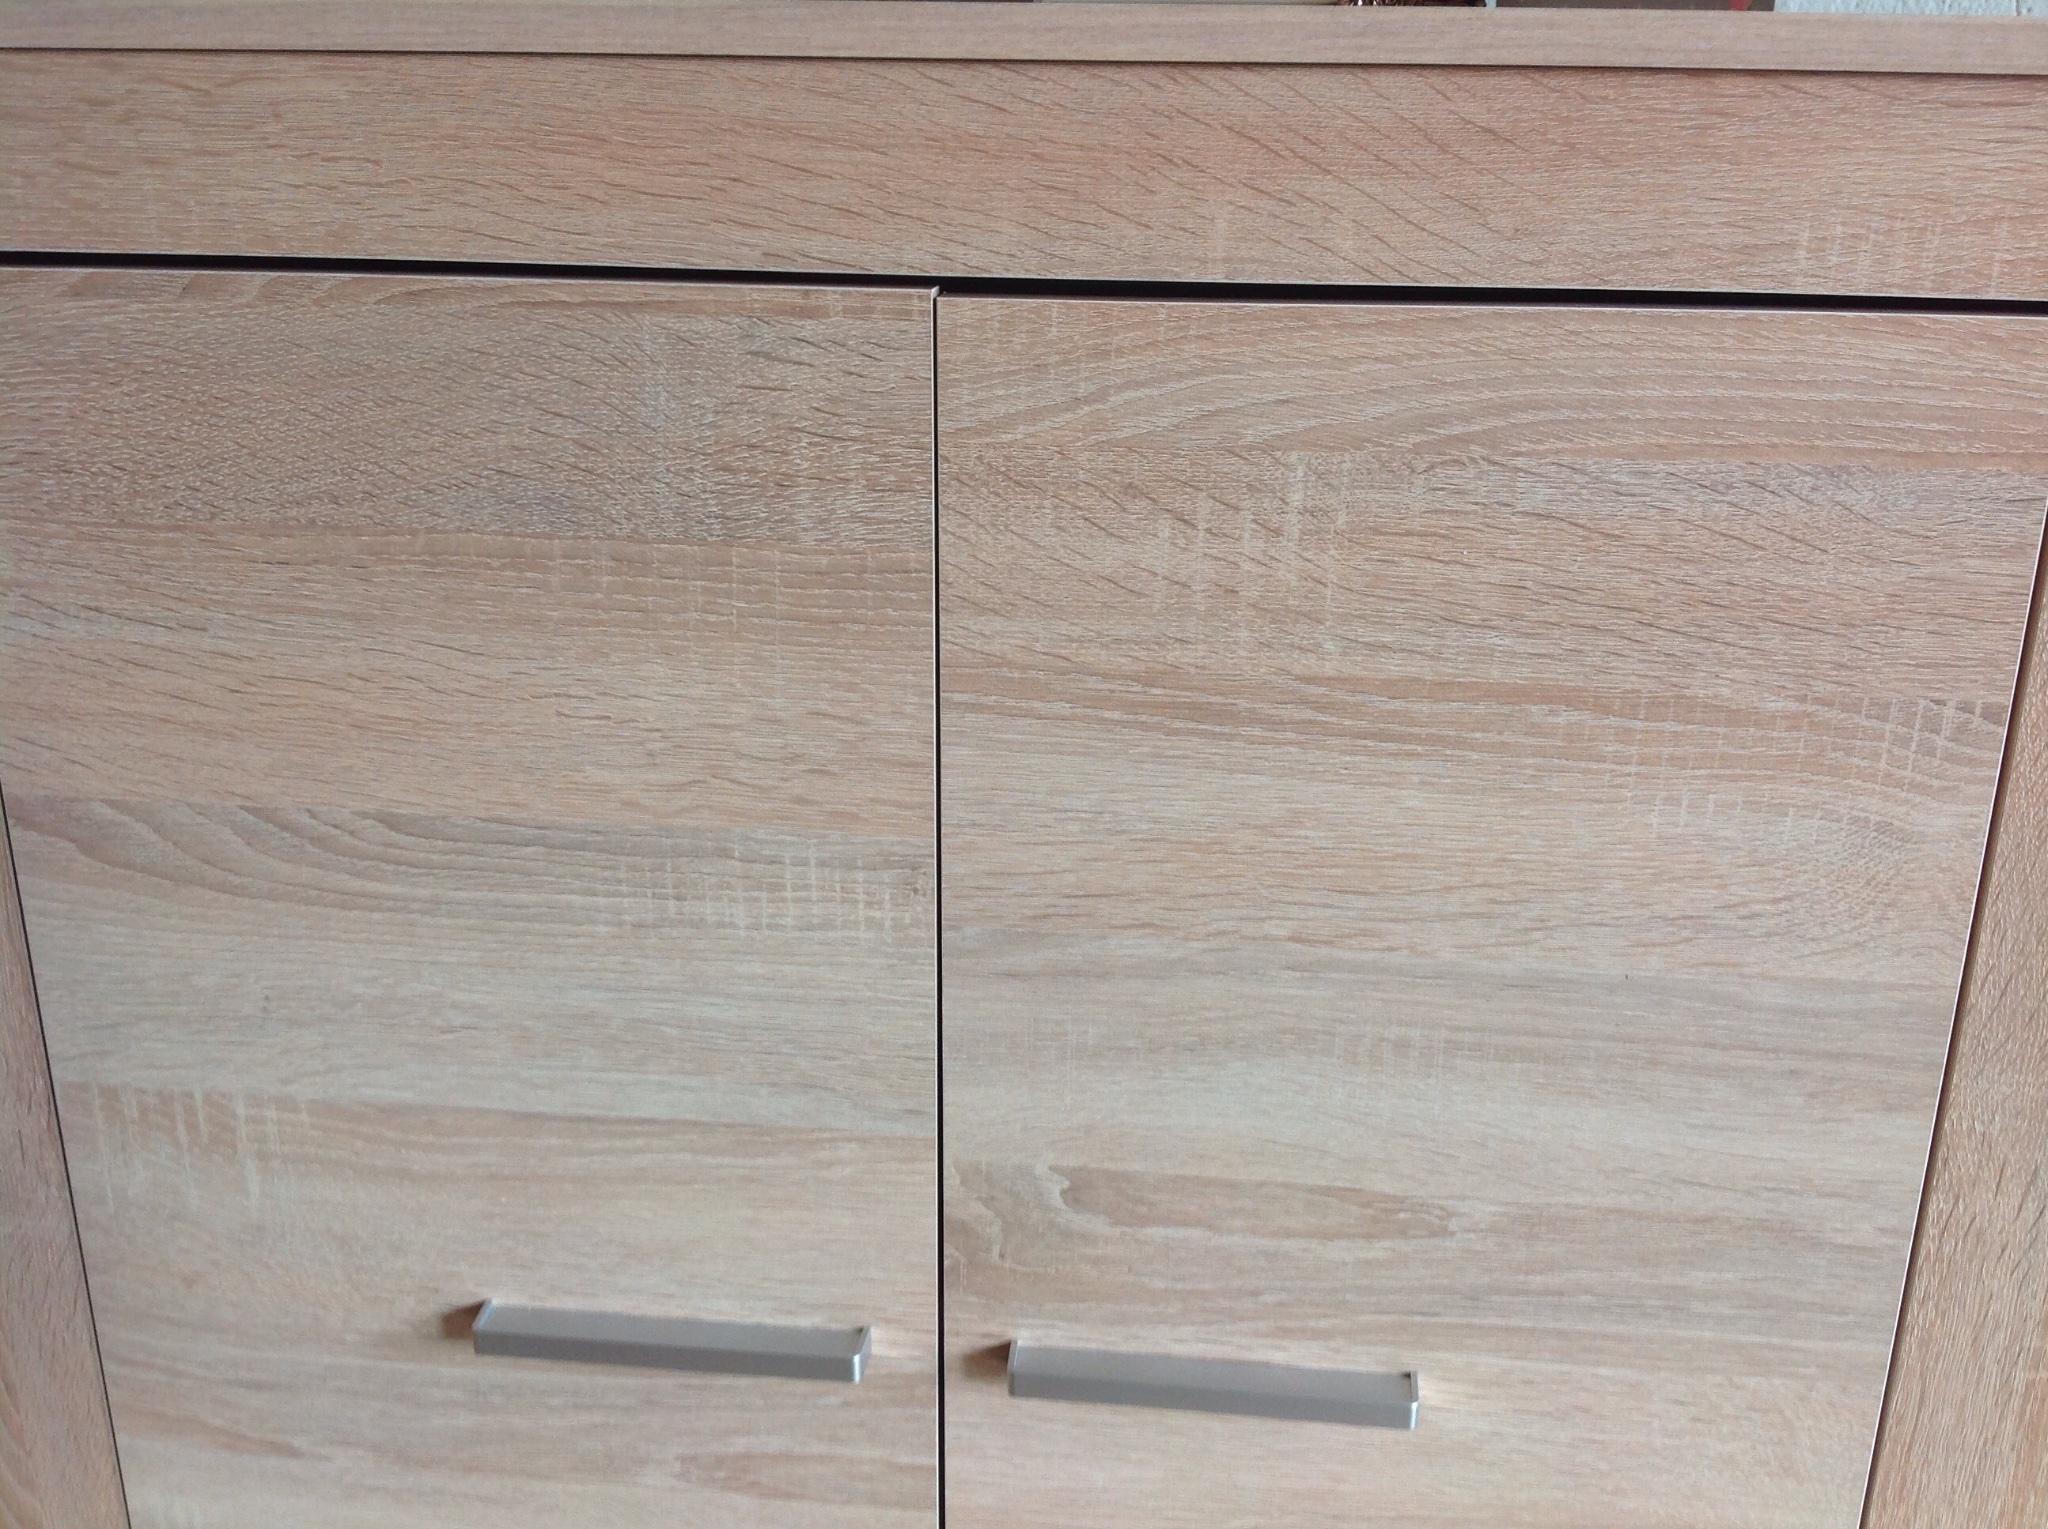 Kastdeuren Van Ikea.Afhangen Van 3 Kastdeuren Ikea Werkspot